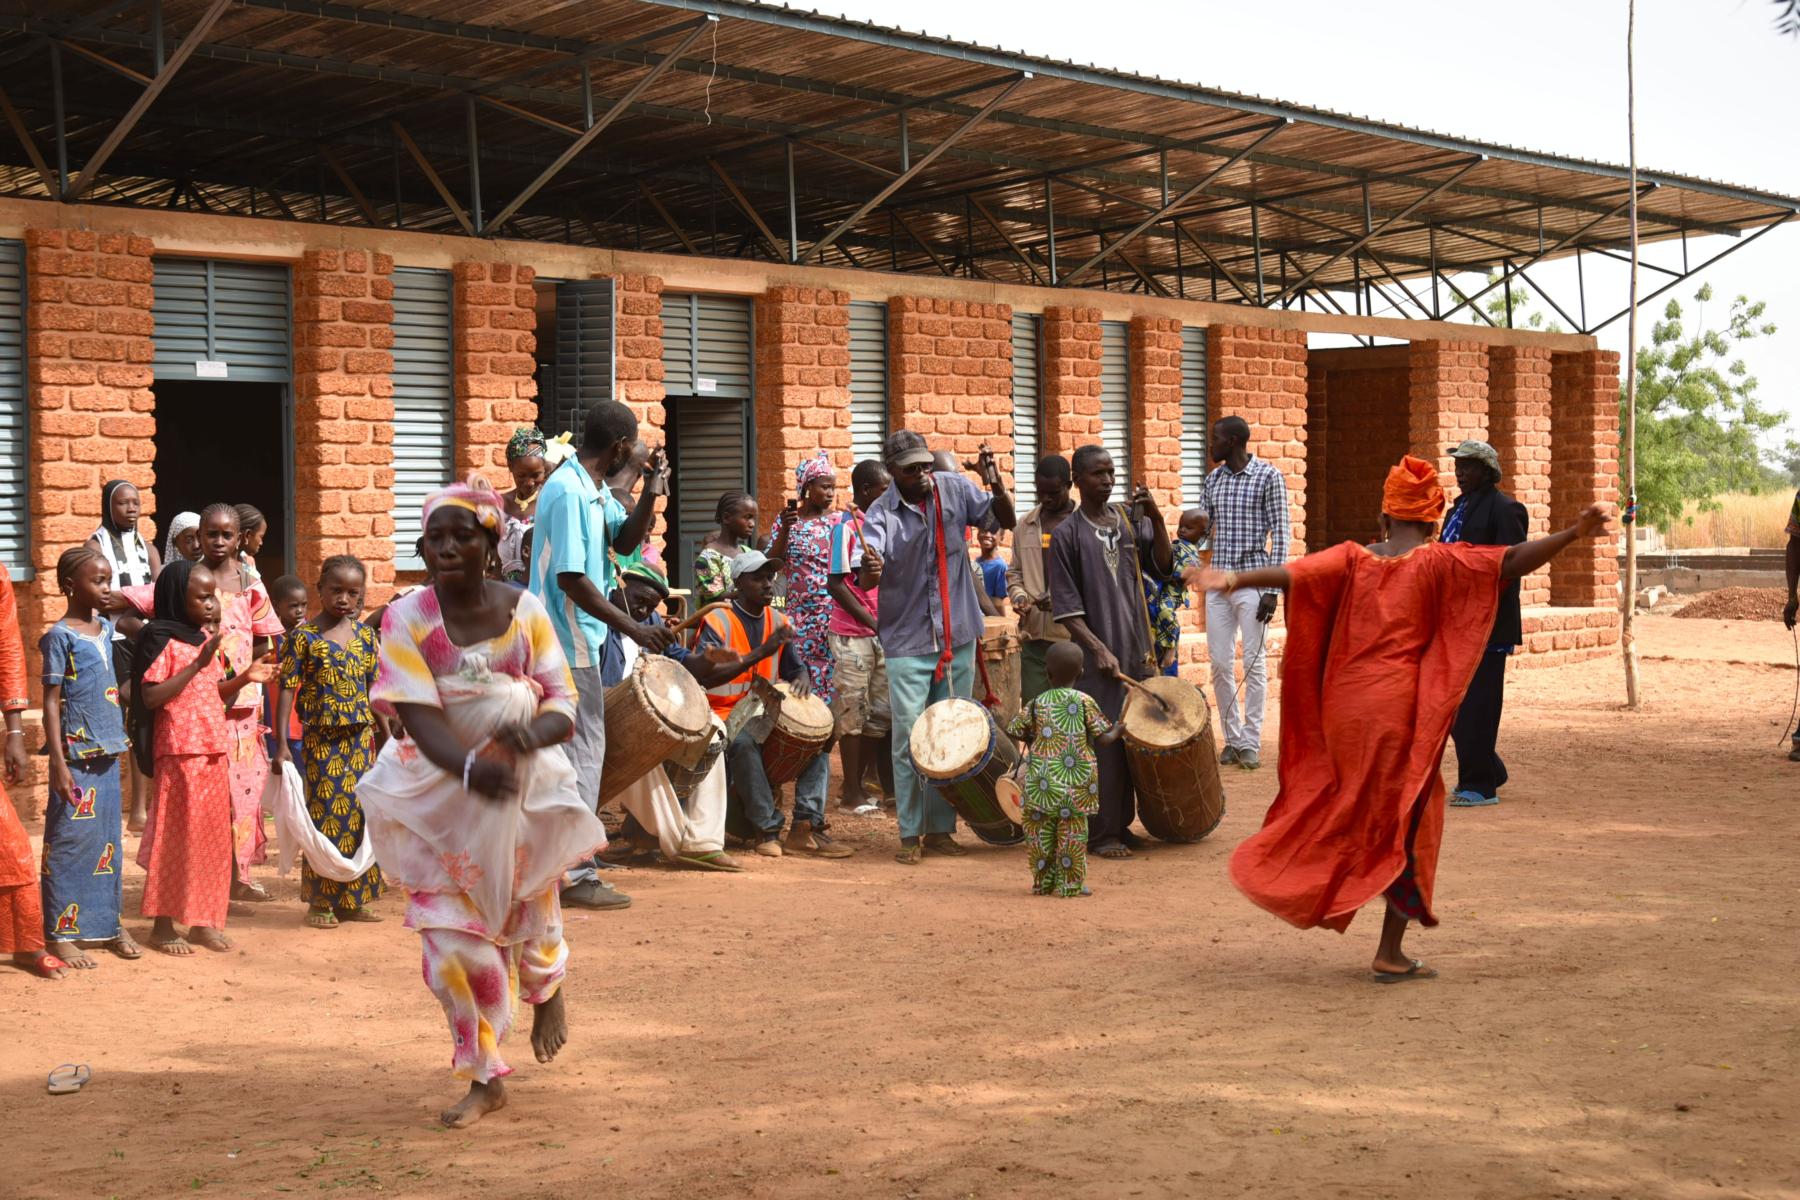 Africabougou associazione onlus – Scuola elementare villaggio di DIoubeba – Repubblica del Mali